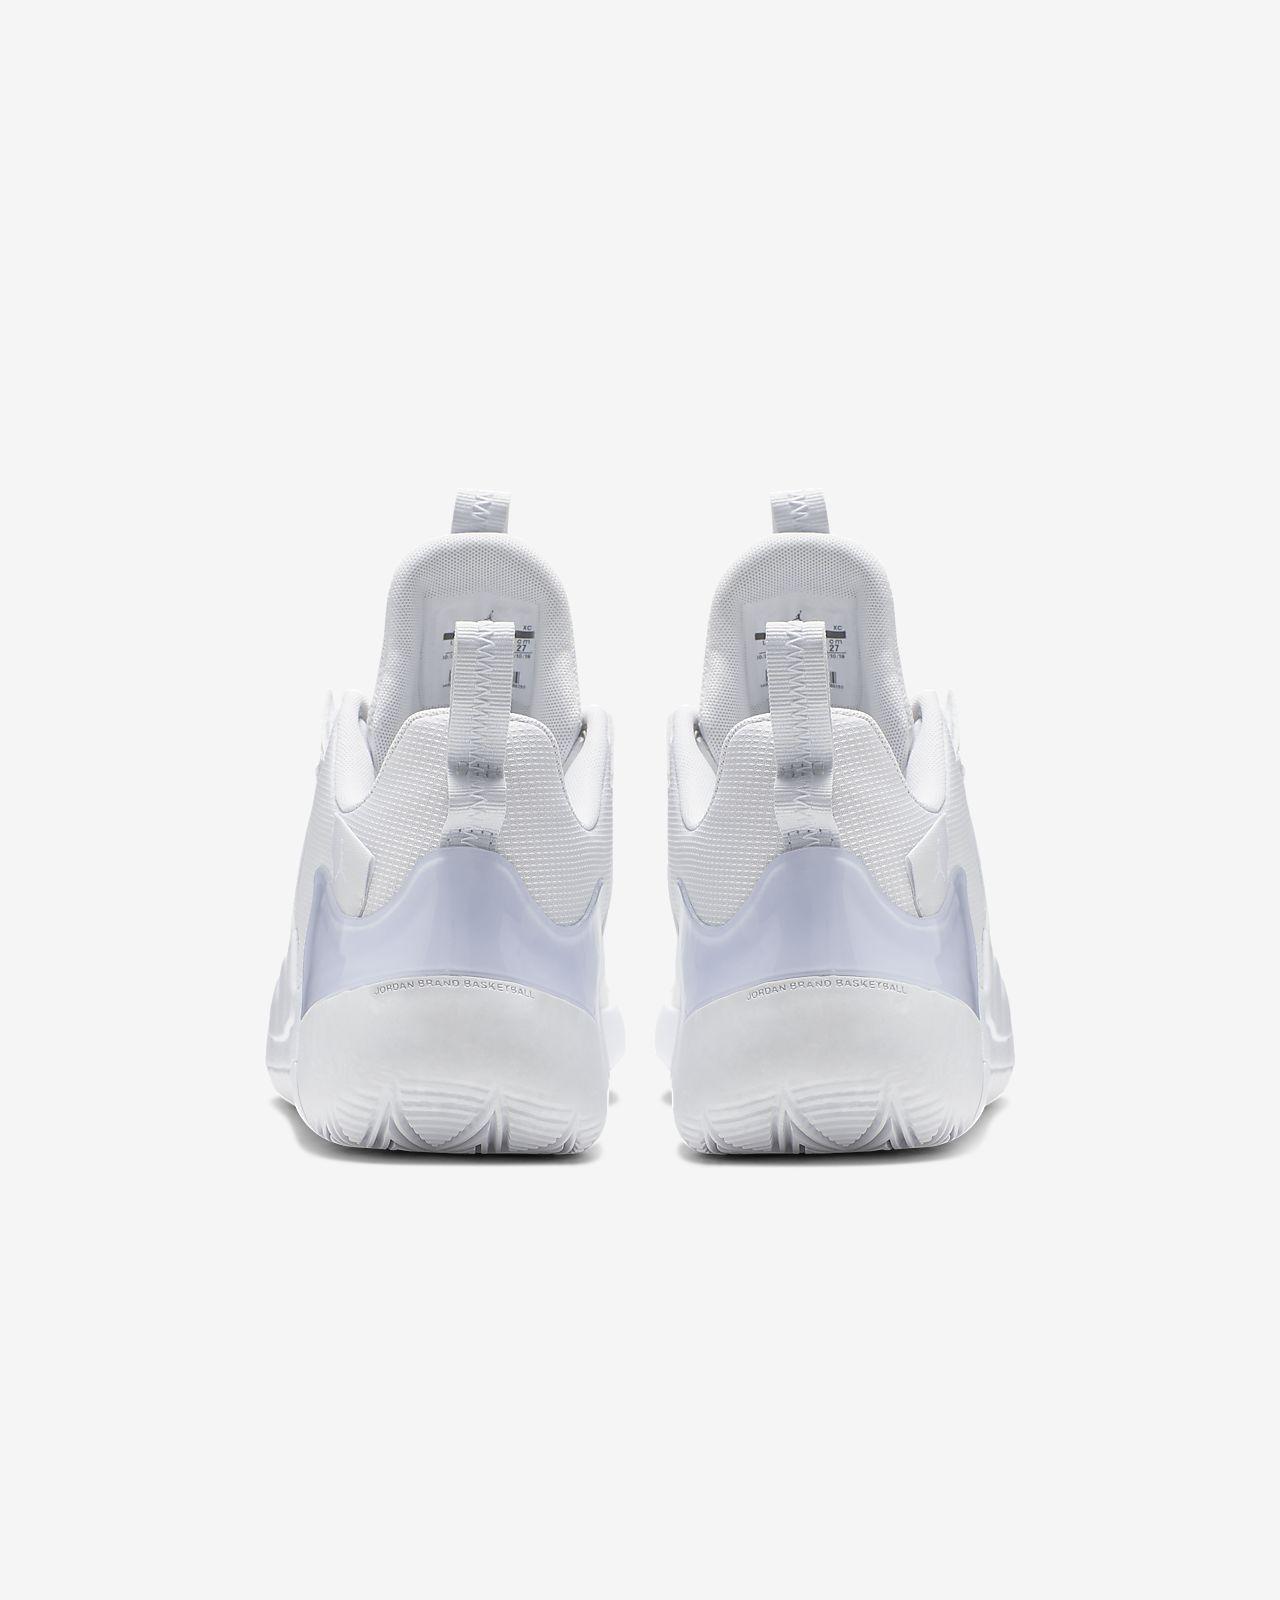 huge selection of 8b9d2 e47e3 ... Jordan Zoom Zero Gravity Basketball Shoe